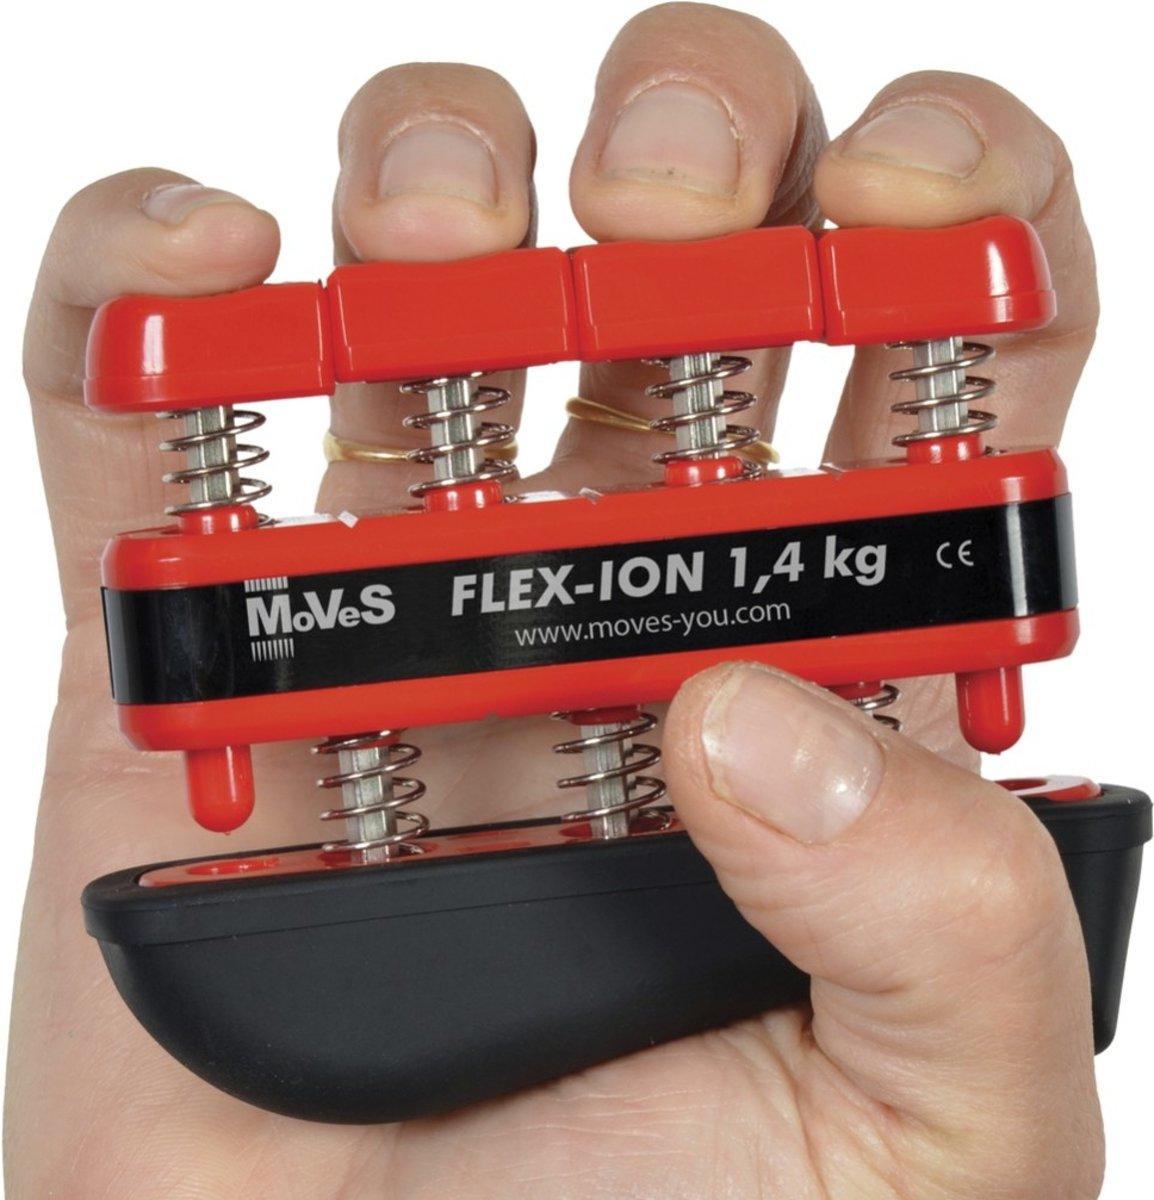 Vingertrainer Flex-ion rood 1,4 kg / 4,5 kg kopen